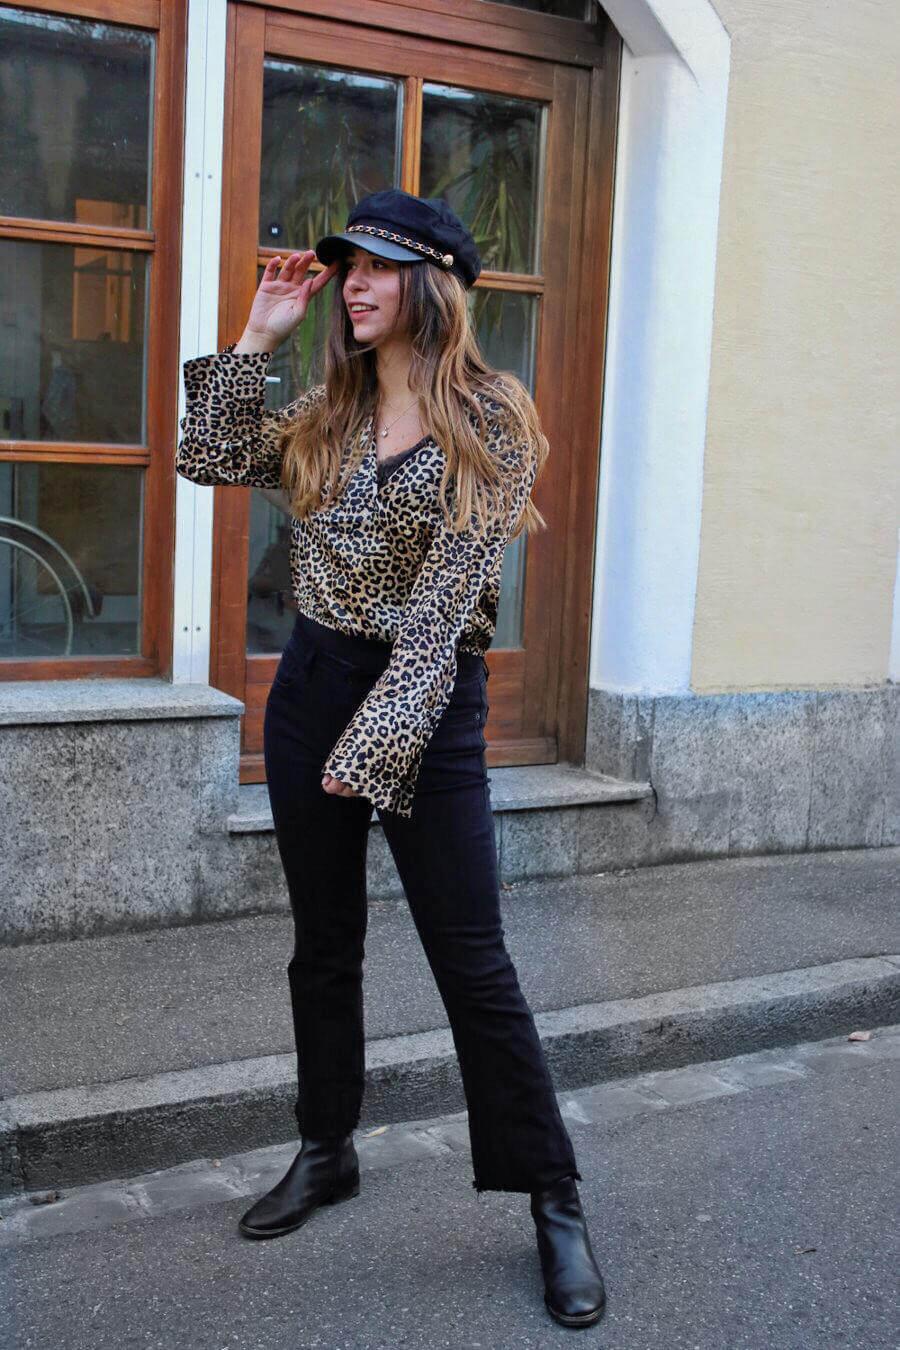 Leo-Print I Wie kombiniere ich das Leopardenmuster im Alltag